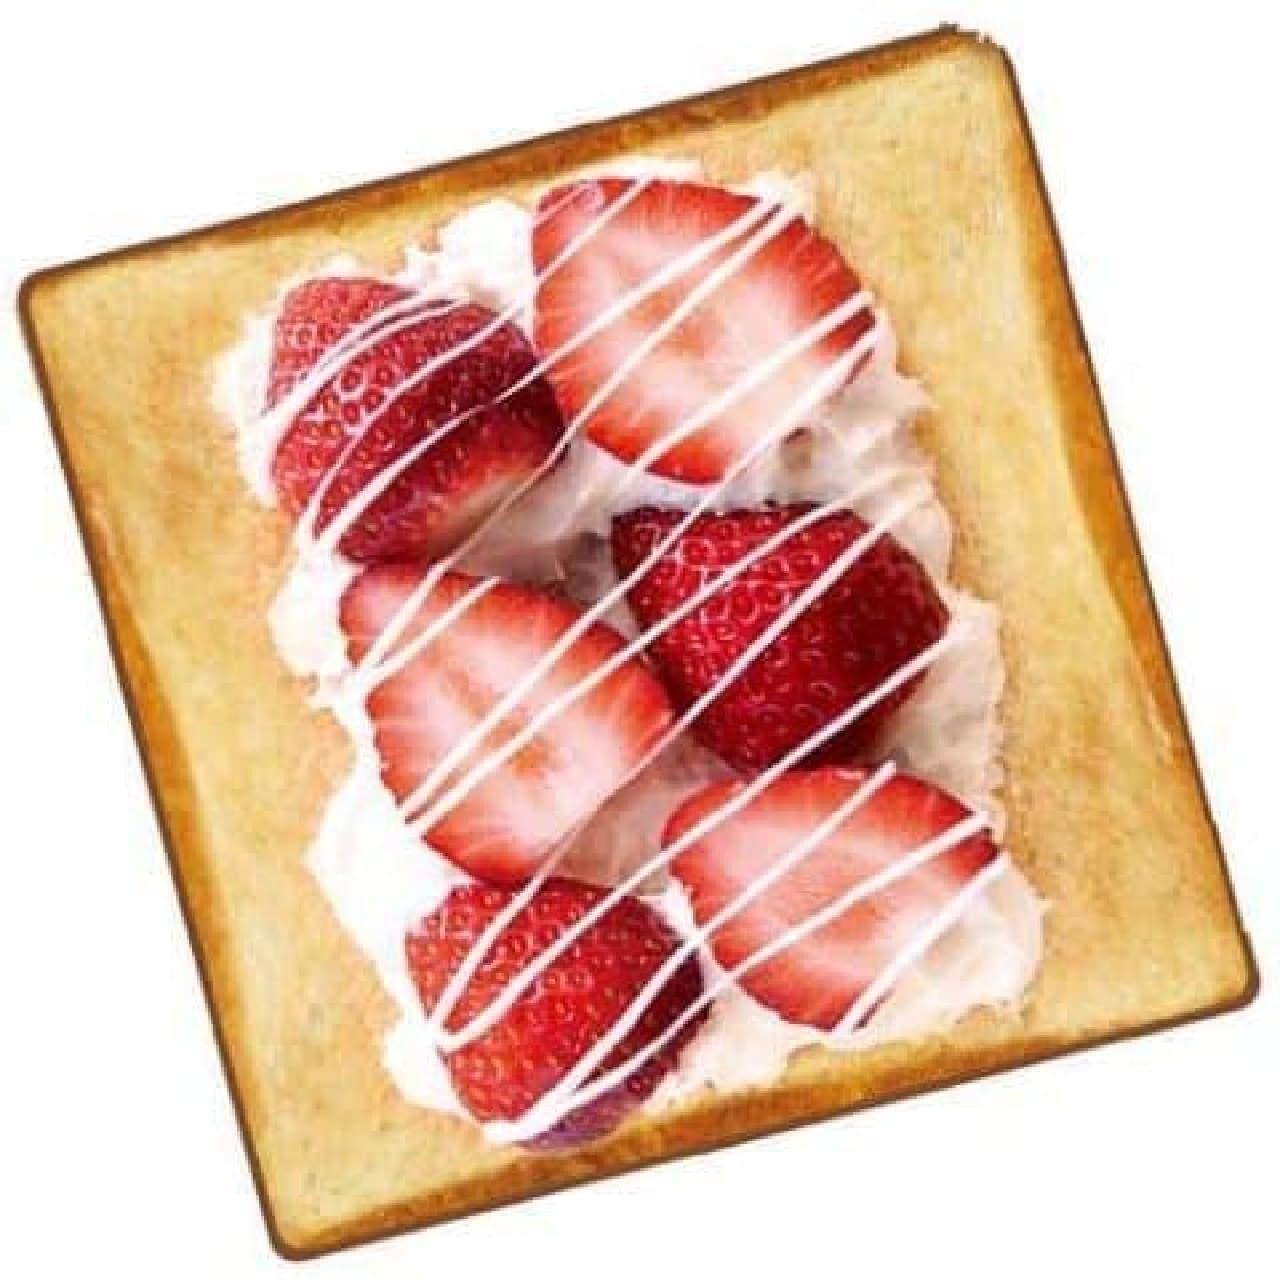 ヴィレッジヴァンガード パンカチーフ「苺ホイップ」